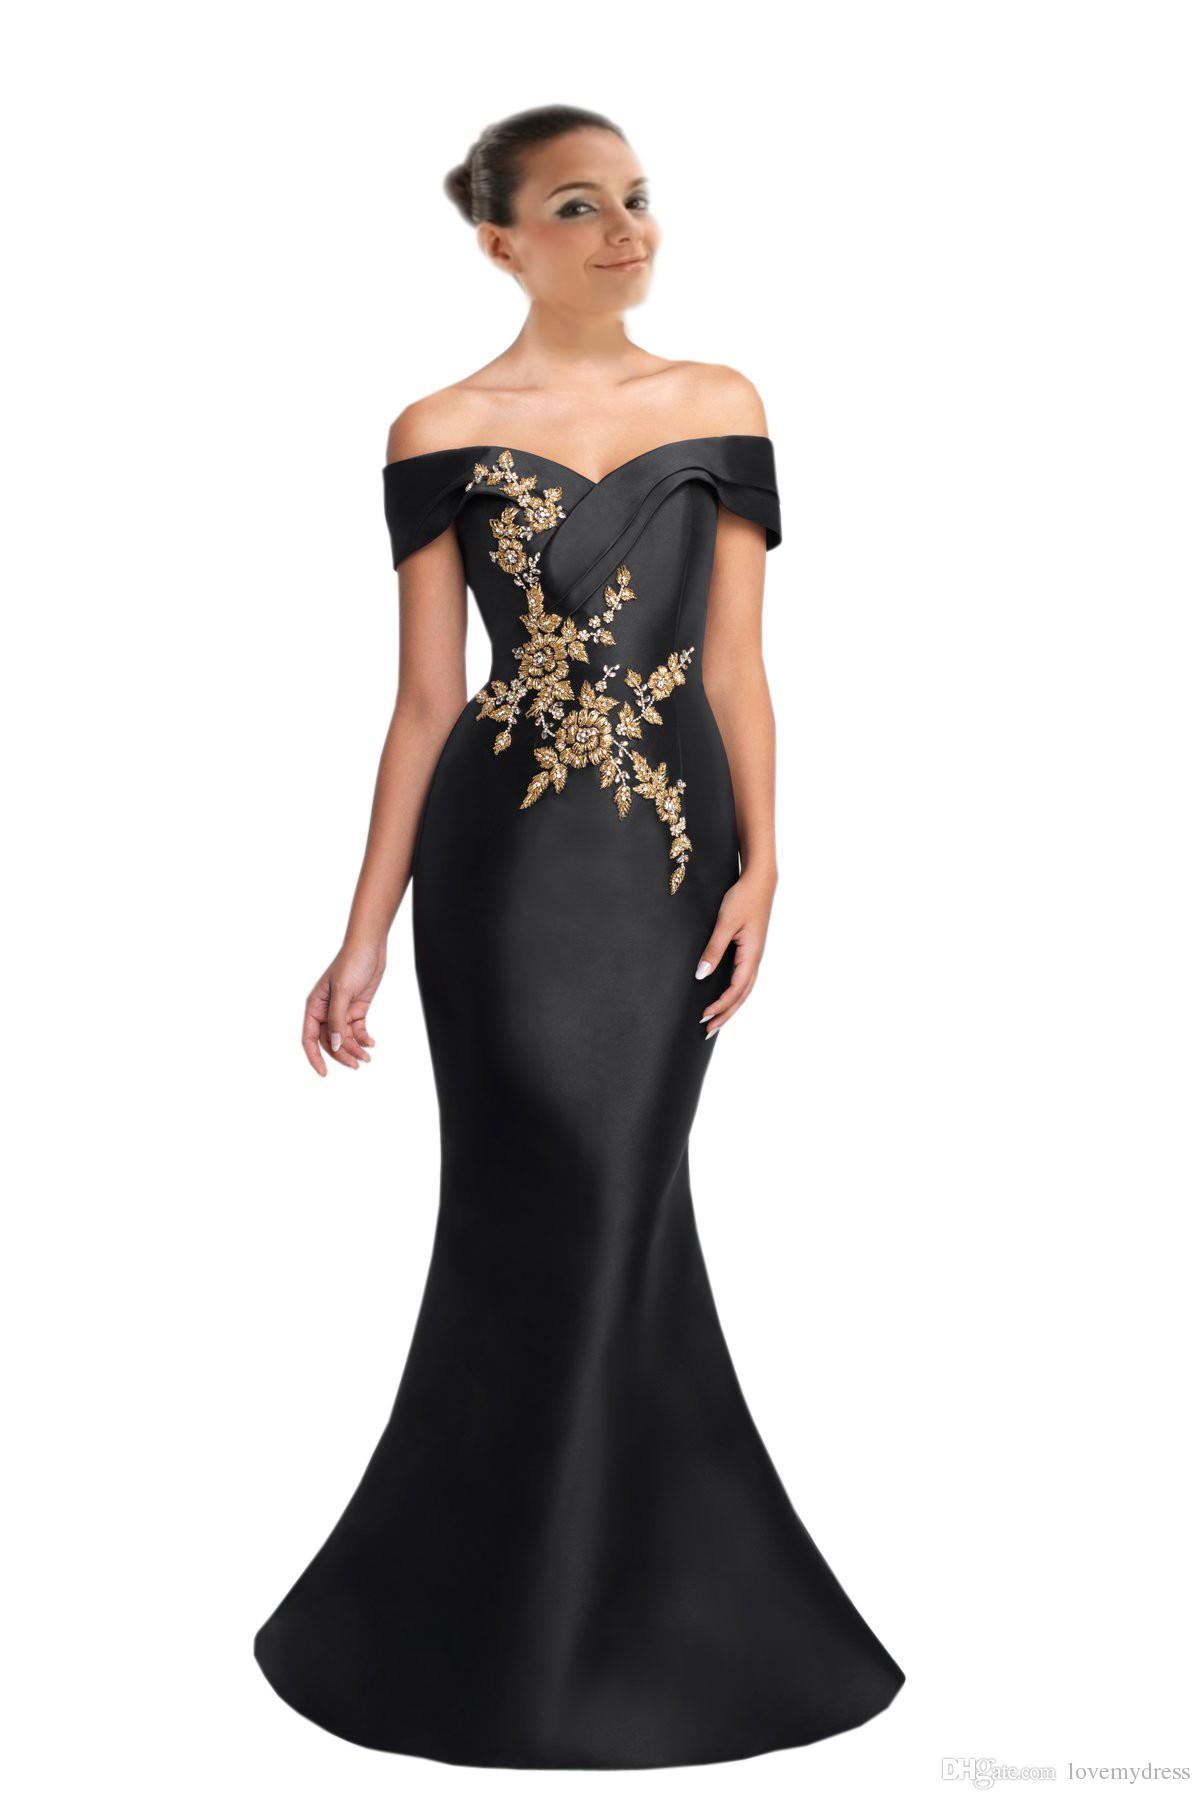 e9f1c38d6d84c Acheter Robes De Bal Sirène Noire Or Embellie 2019 Col V Hors De L épaule  Perles En Satin Avec Robe De Soirée Manches Courtes Pageant De  82.32 Du ...